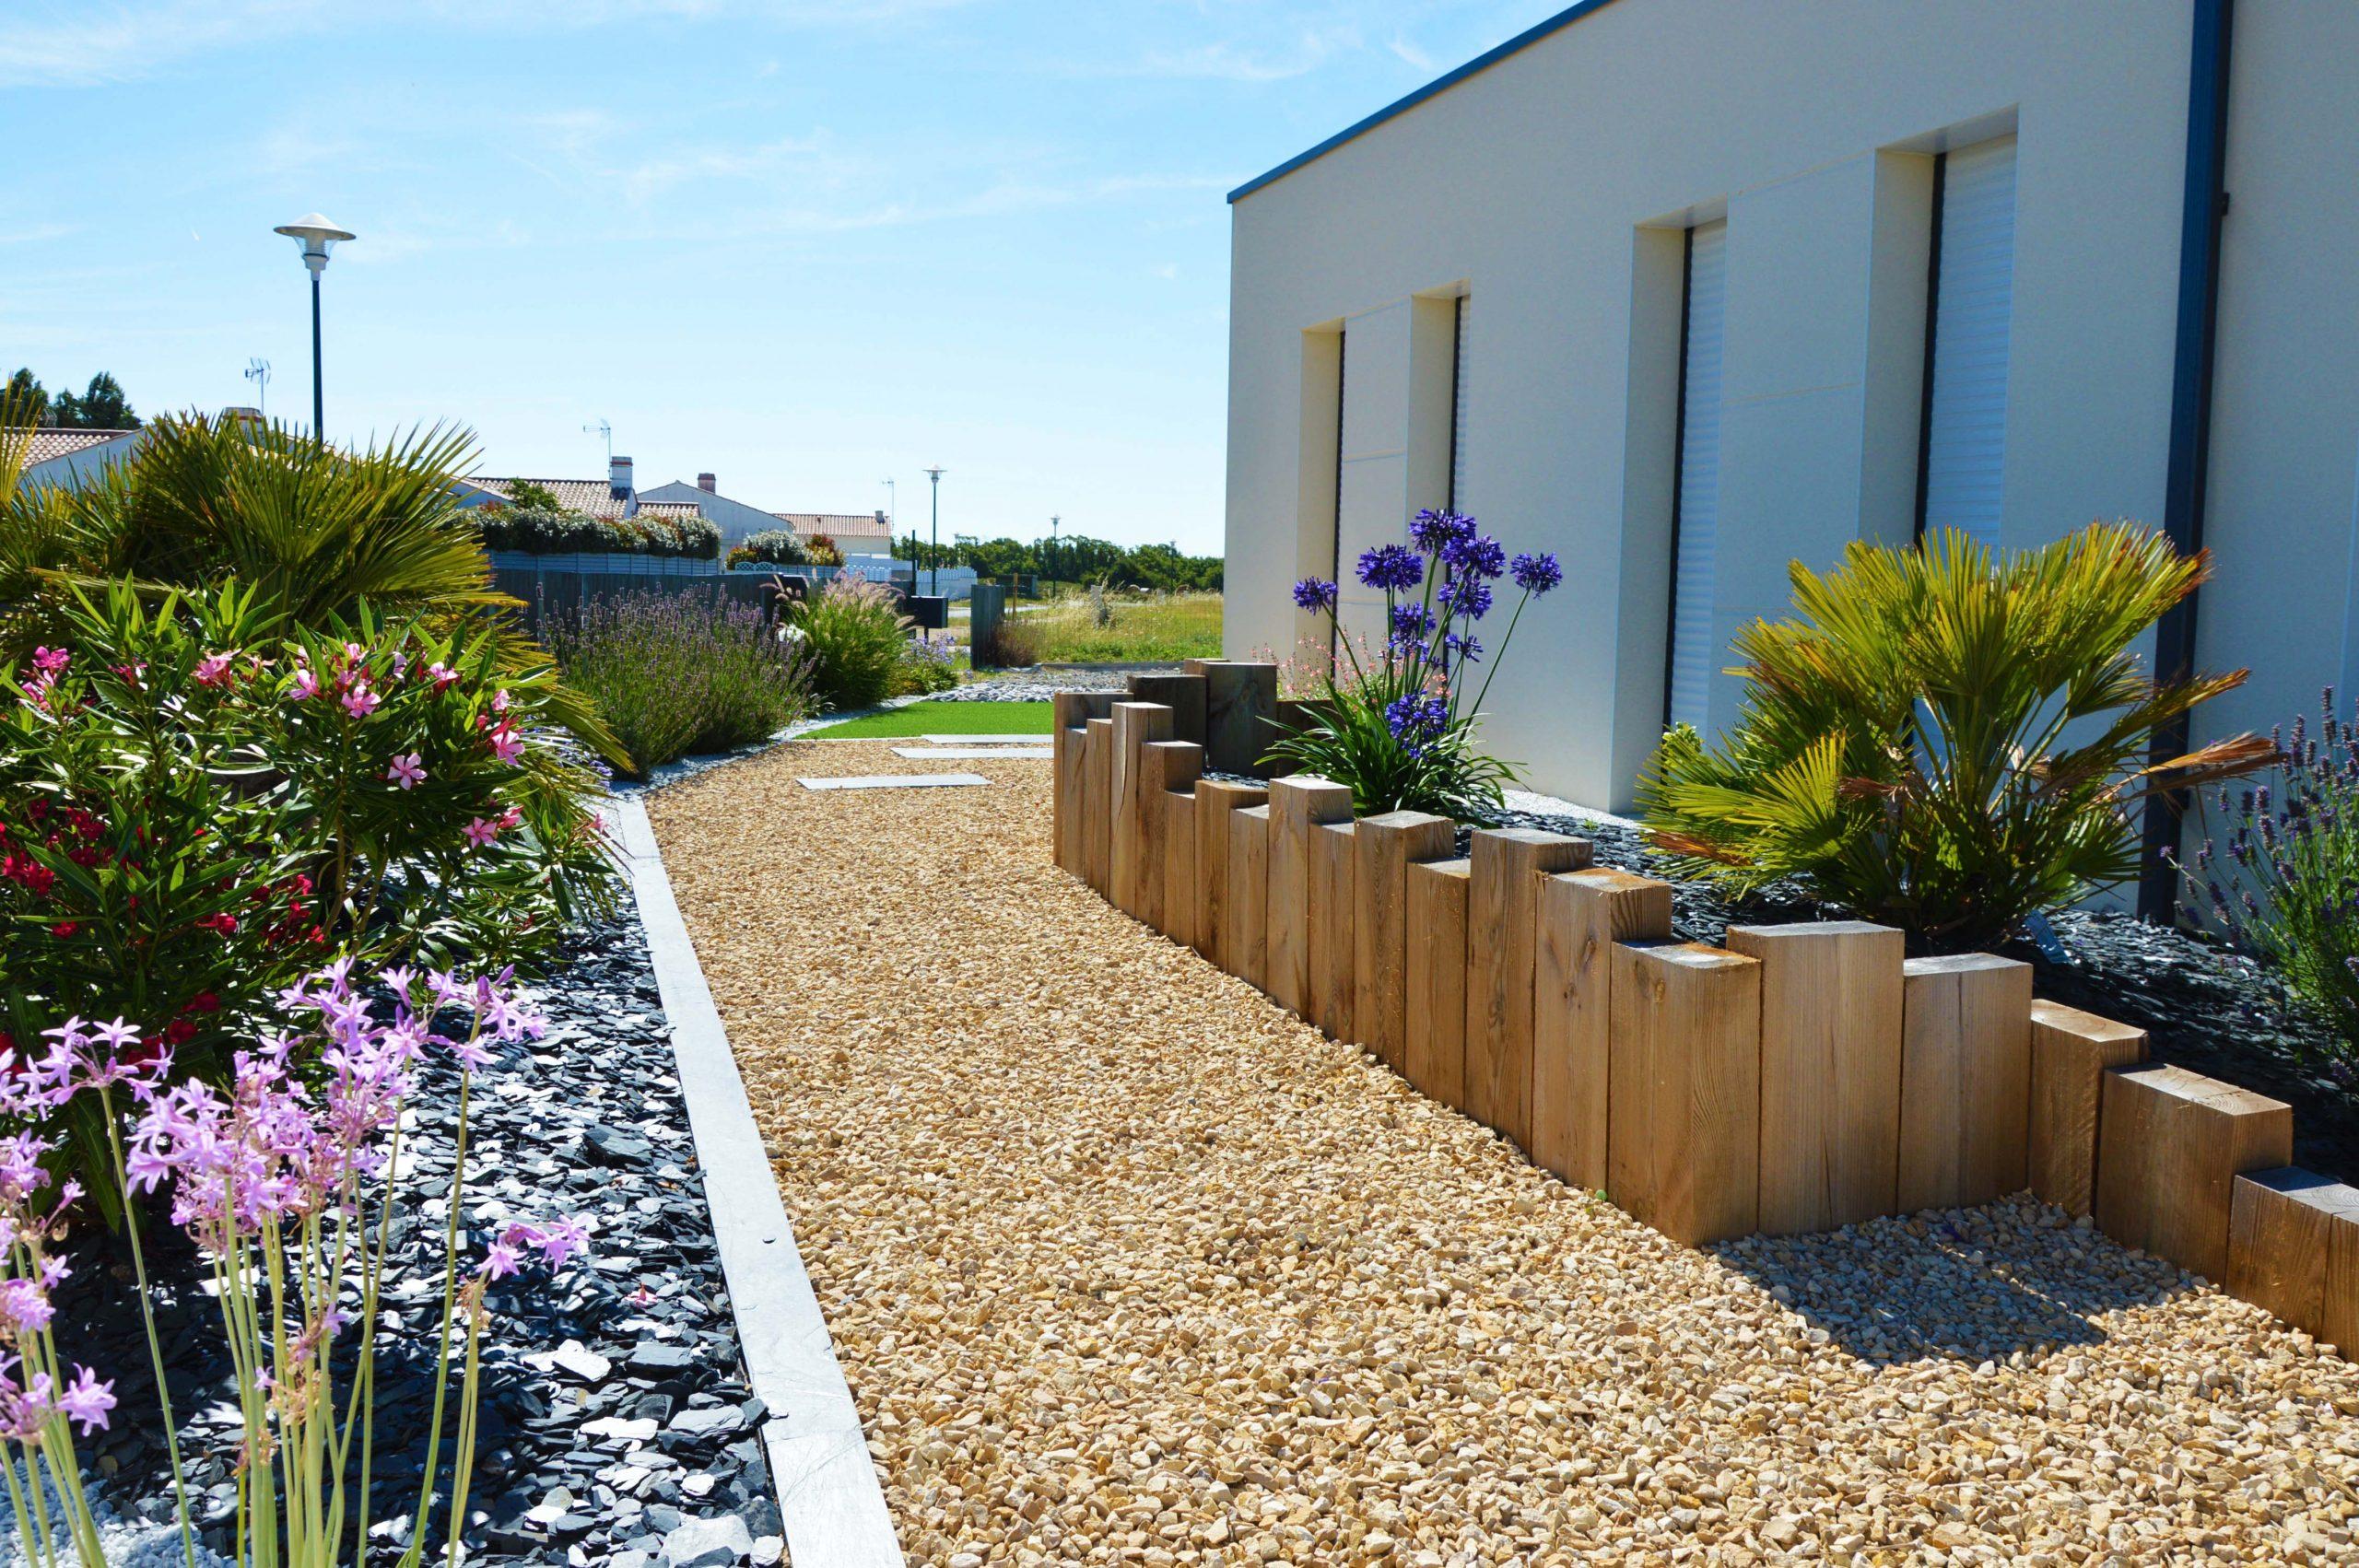 Bordure Ardoise Et Muret En Bois - Rokaï - Paysagiste En Vendée avec Bordure Bois Pour Jardin